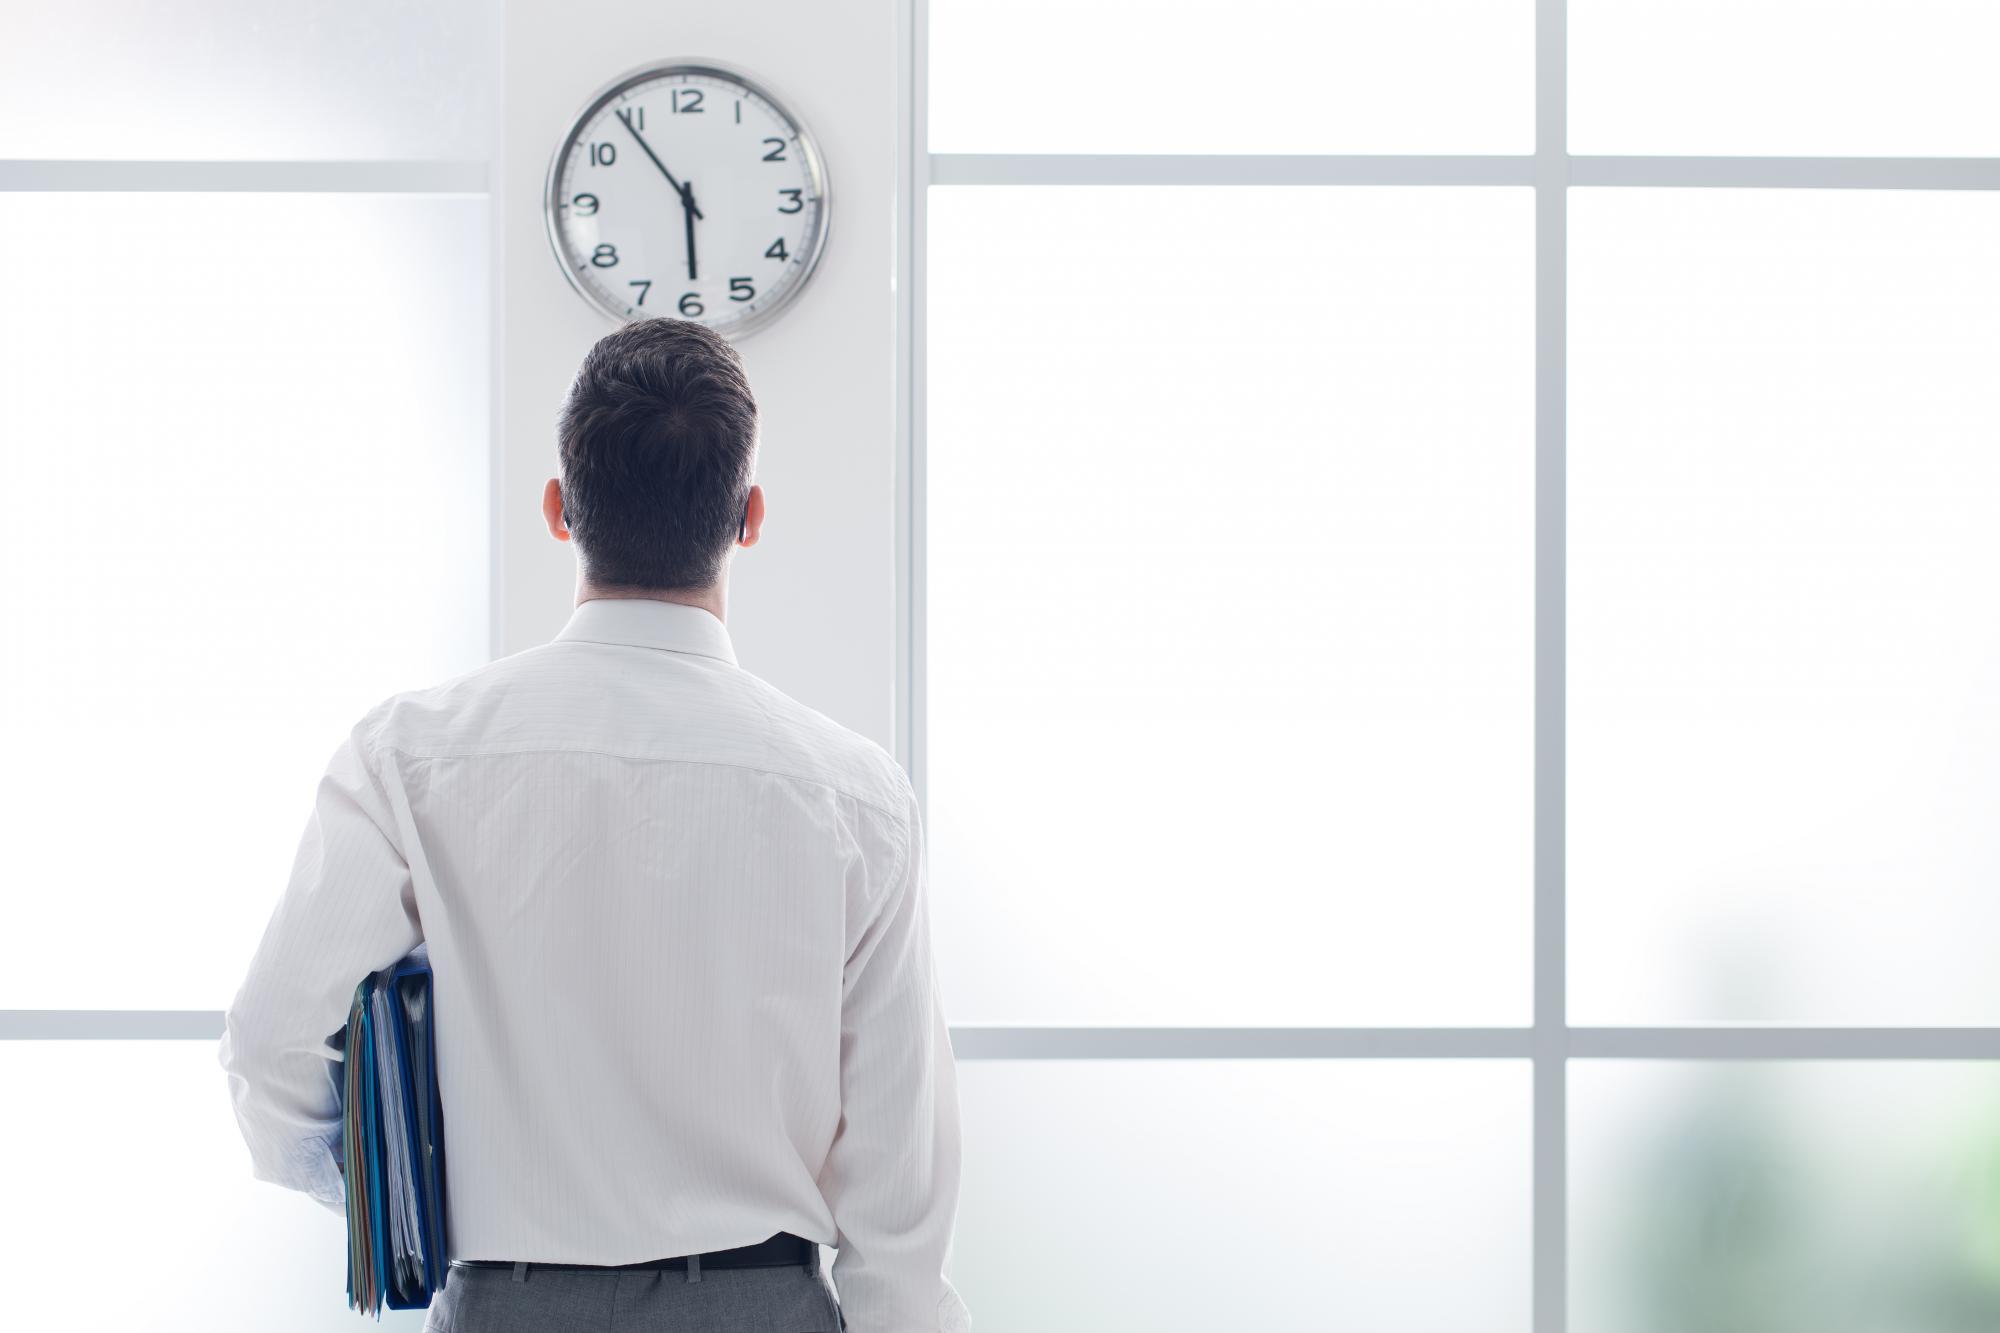 Работодатель не может в одностороннем порядке сокращать рабочий день сотрудника